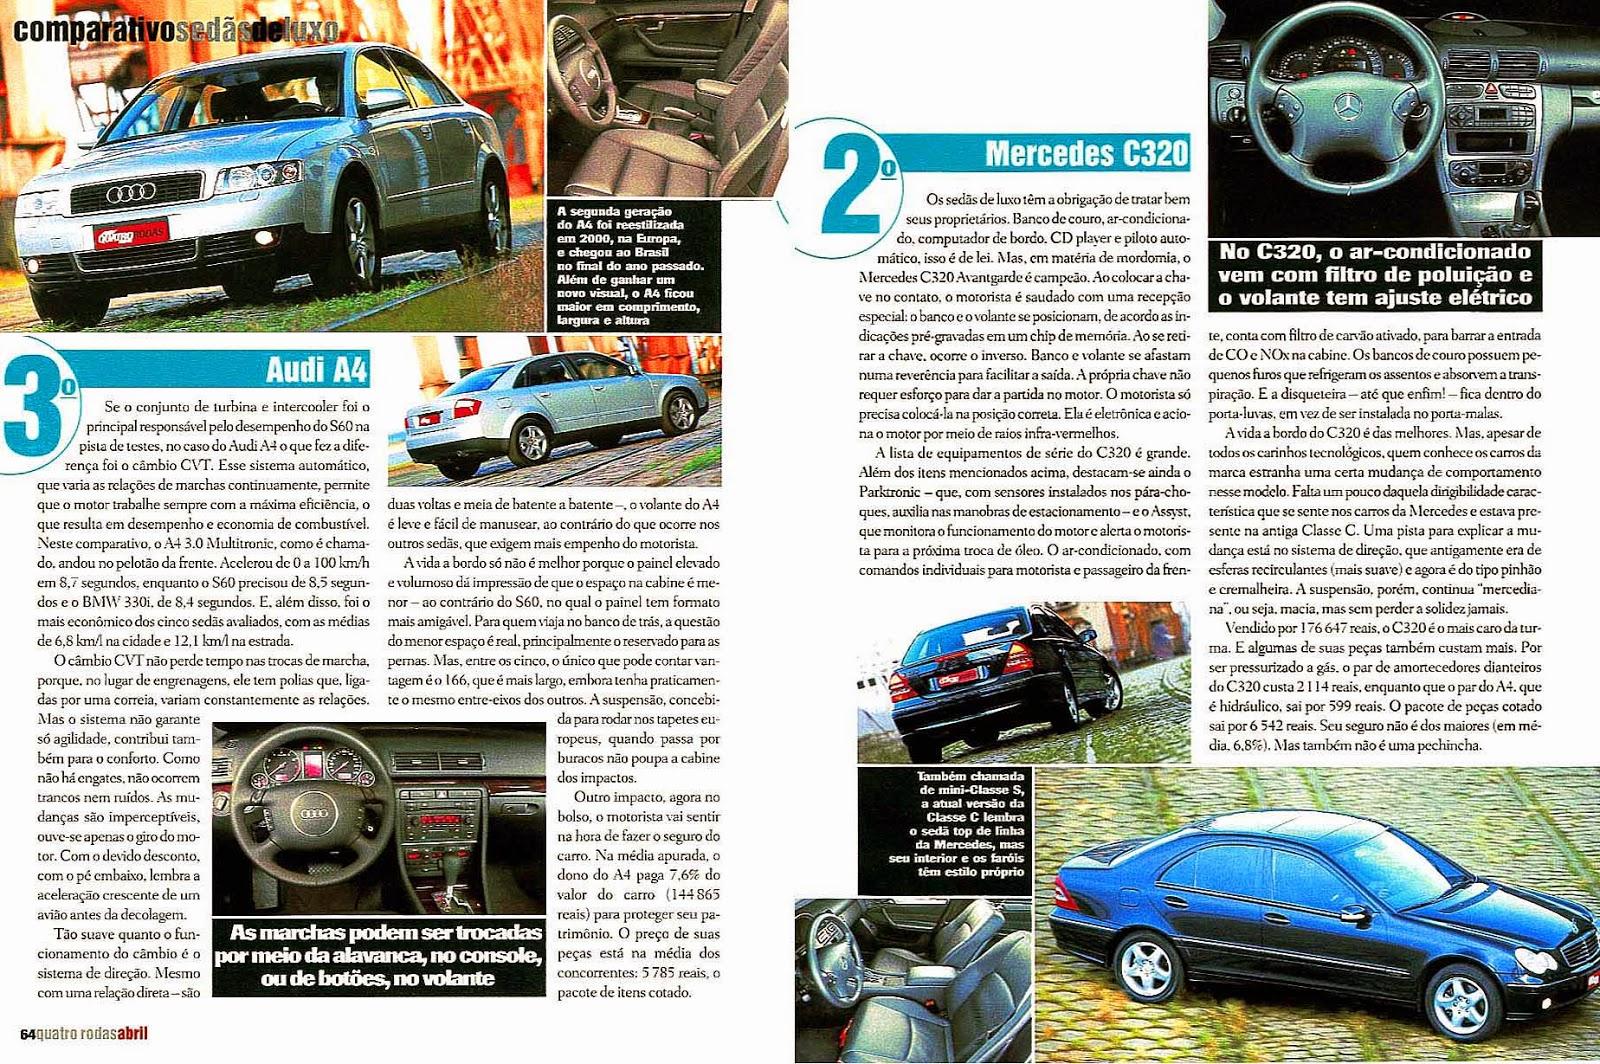 (W203): Avaliação - Revista Quatro Rodas - C320 x BMW 330i x Audi A4 x Volvo S60 T5 x Alfa Romeo 166 - abril/2002 501%2C065%2C42%2C04%2CTE